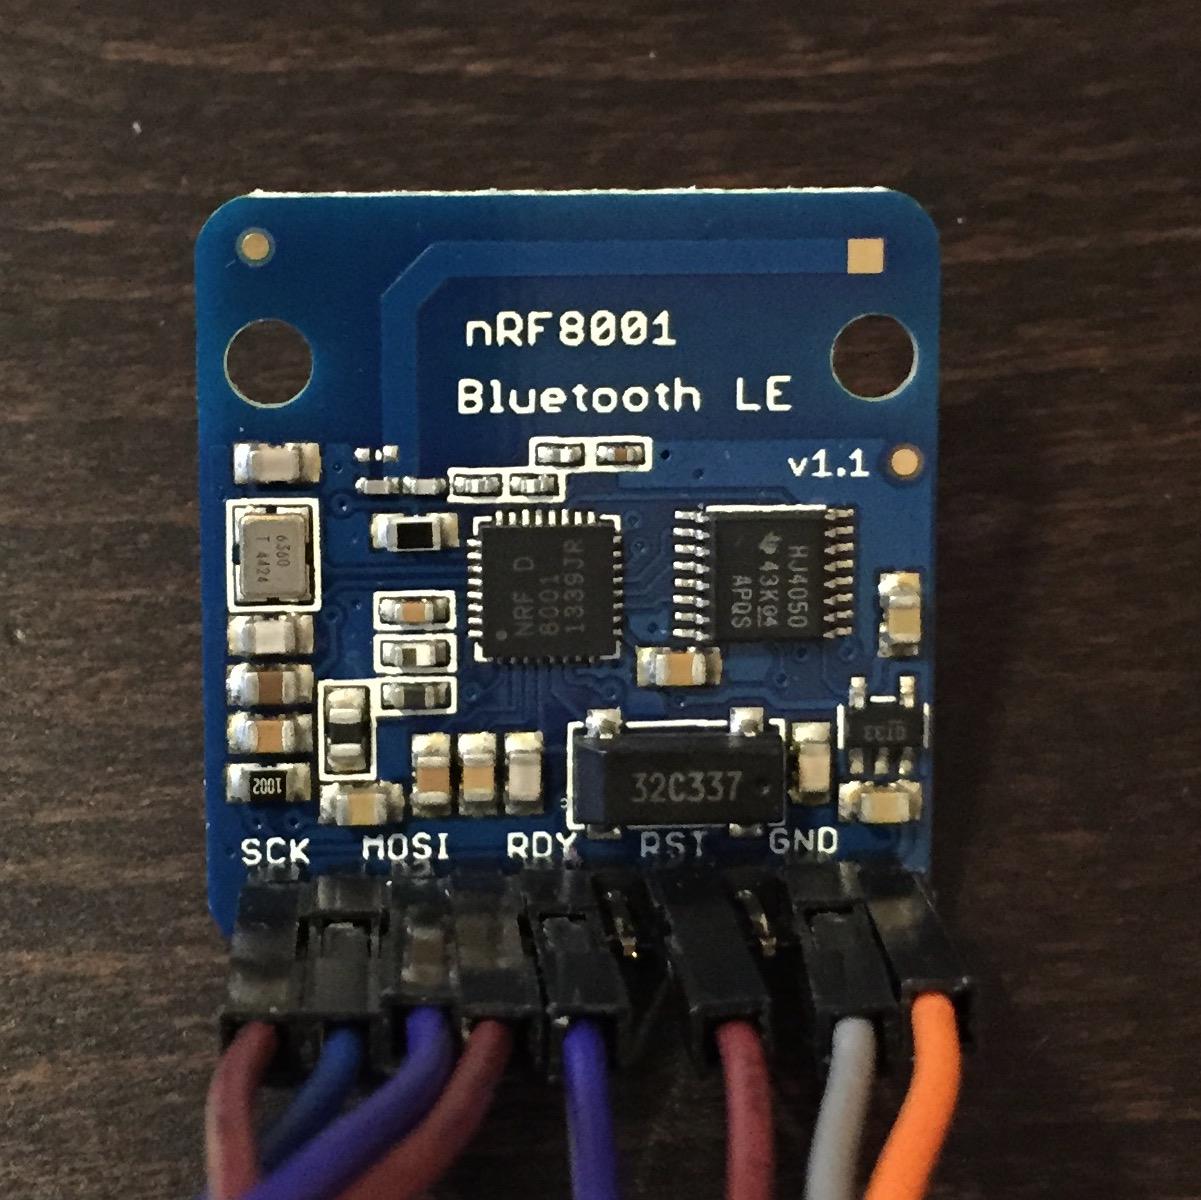 Das Adafruit nRF 8001 Bluetooth LE Modul